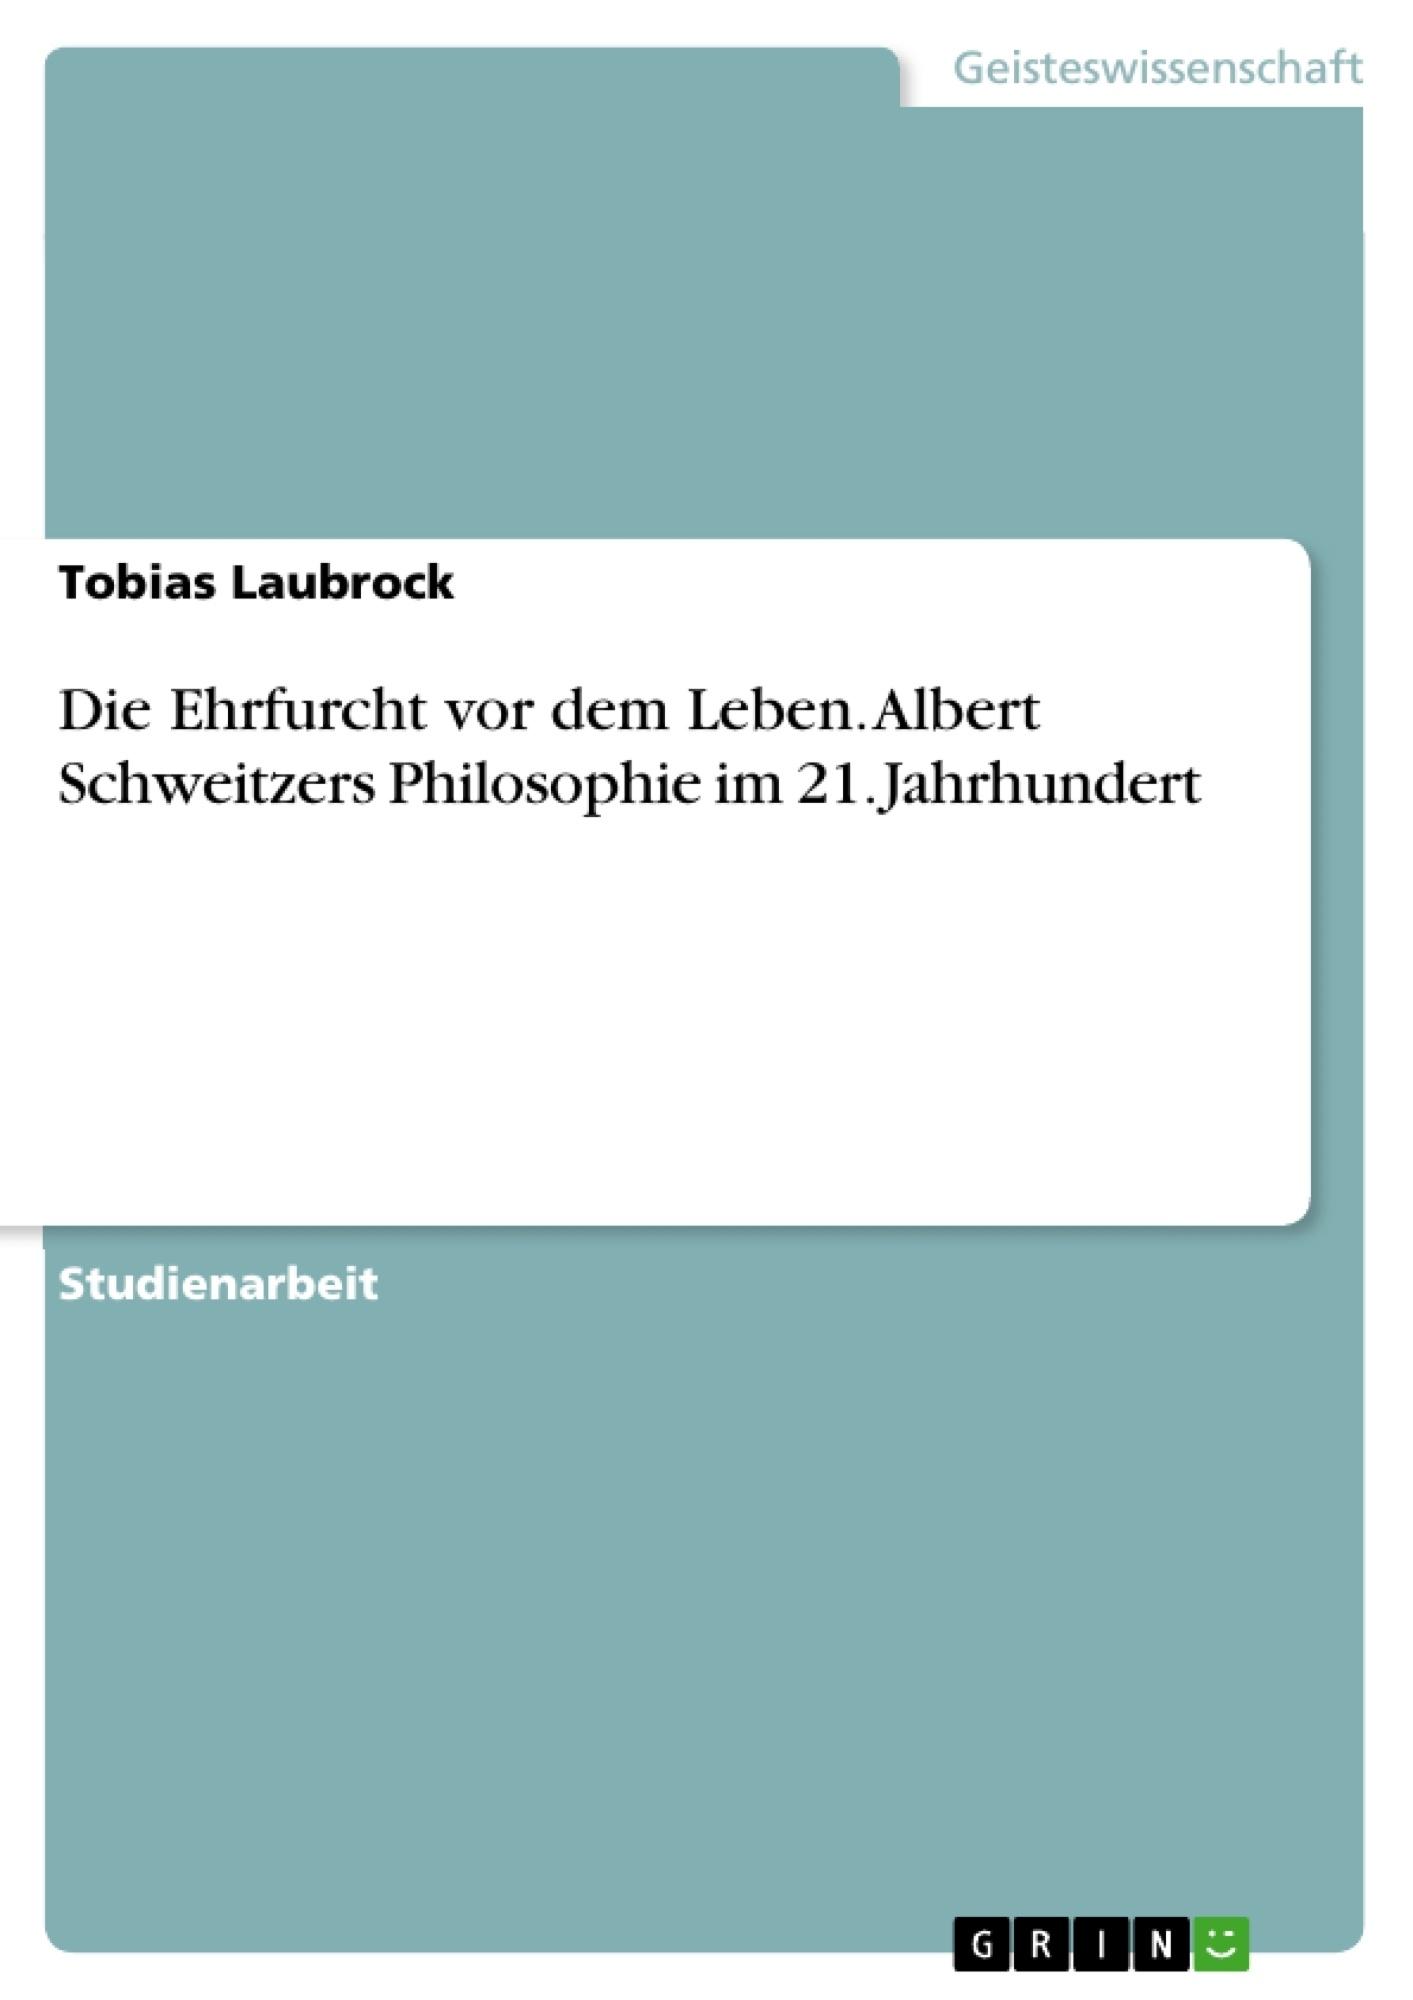 Titel: Die Ehrfurcht vor dem Leben. Albert Schweitzers Philosophie im 21. Jahrhundert